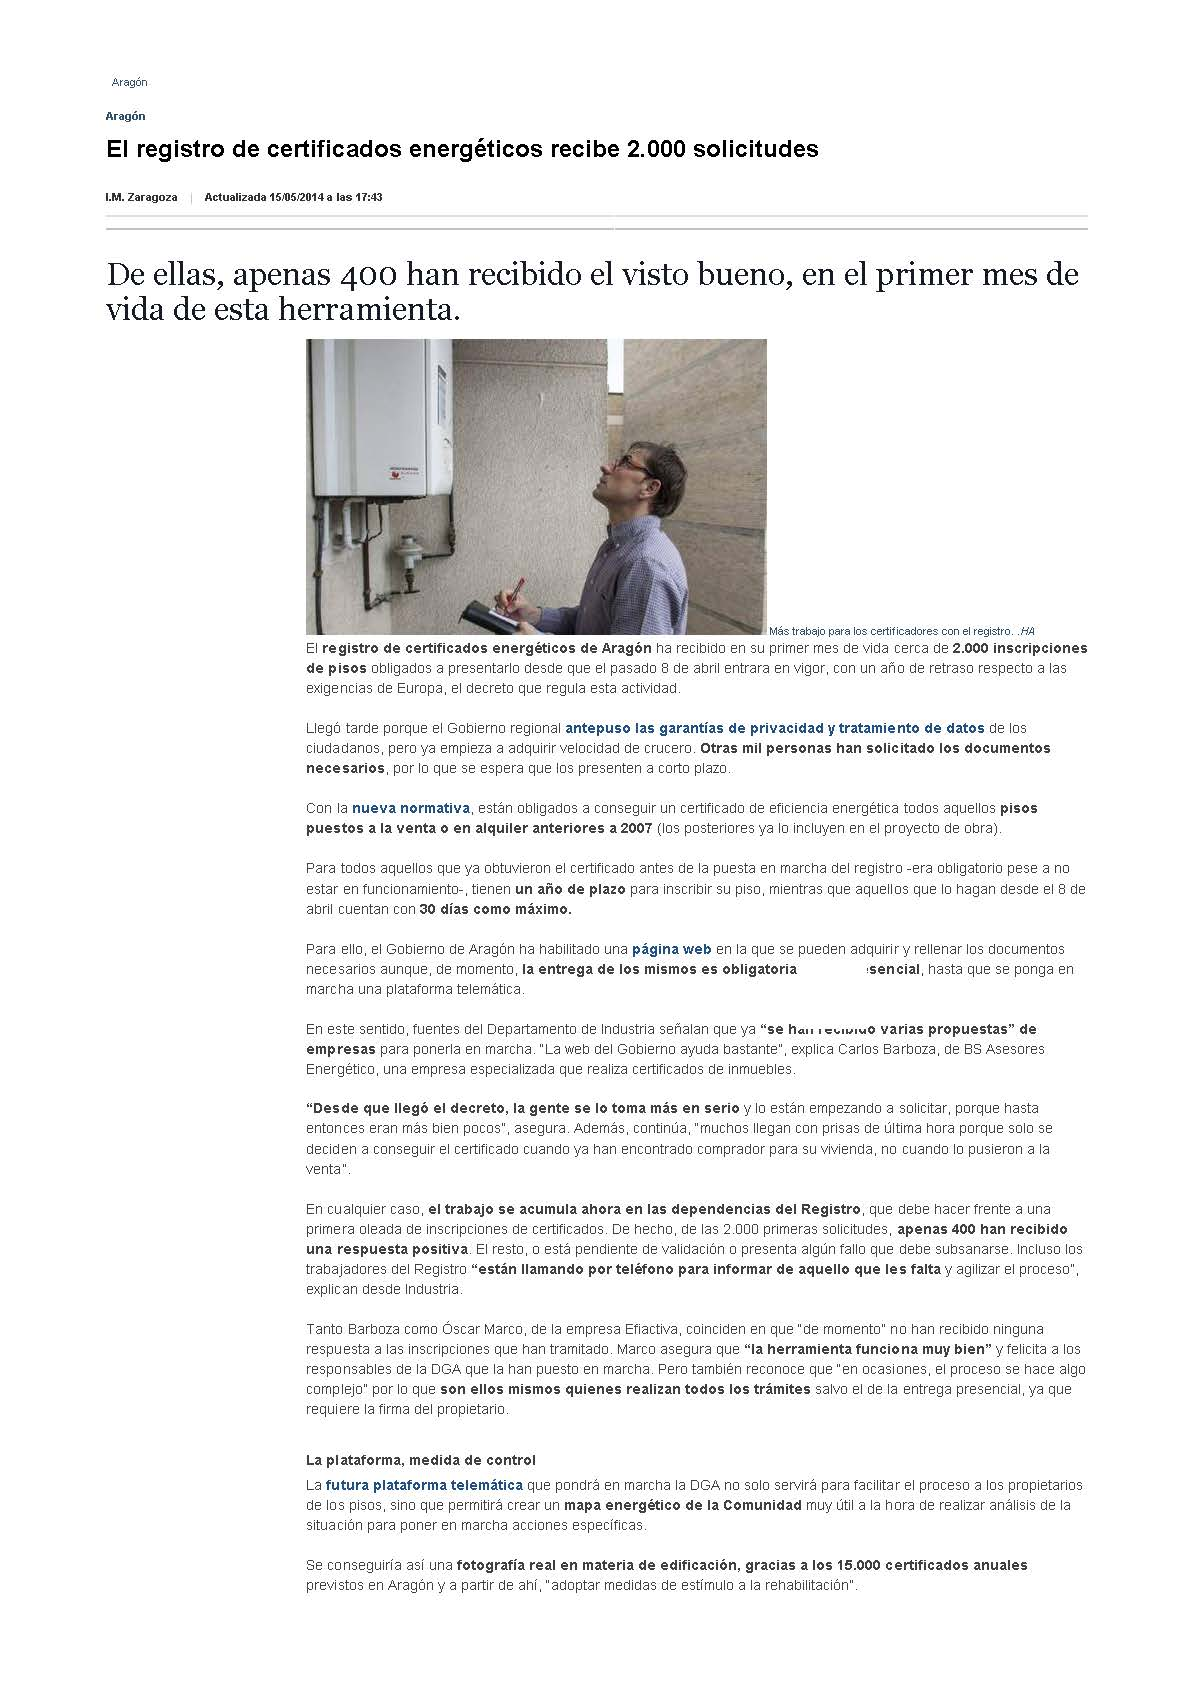 Heraldo de Aragón, BS Asesores Energéticos, Registro certificados energéticos / 15-05-2014